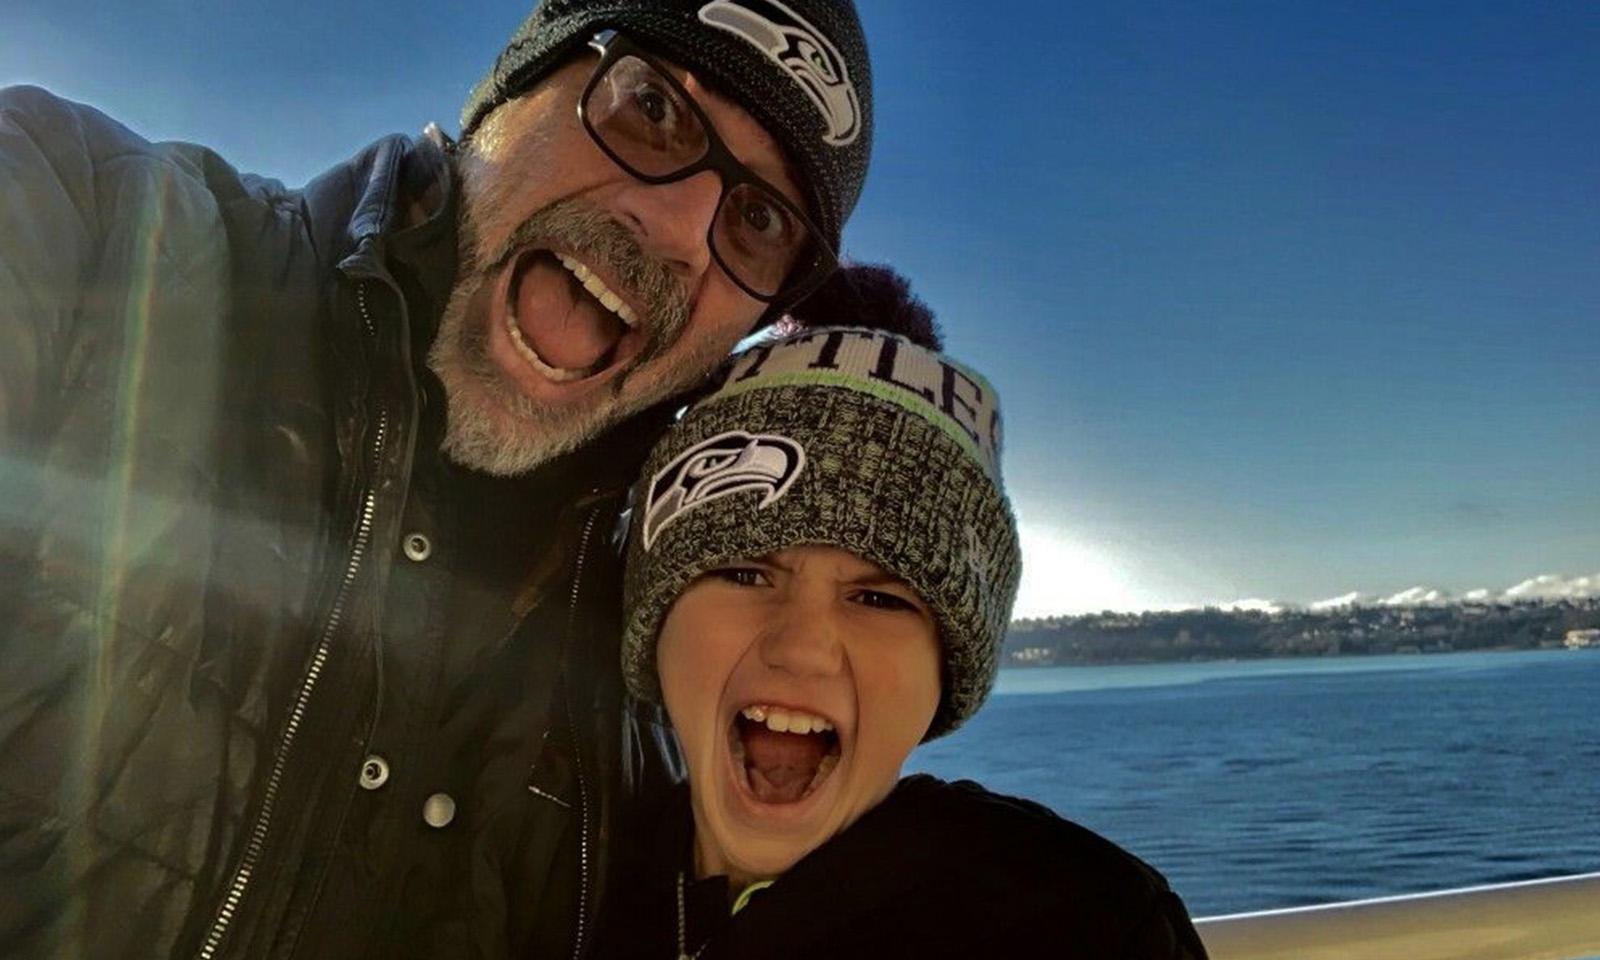 Jeffrey Dean Morgan e Gus Morgan em uma selfie durante um passeio.